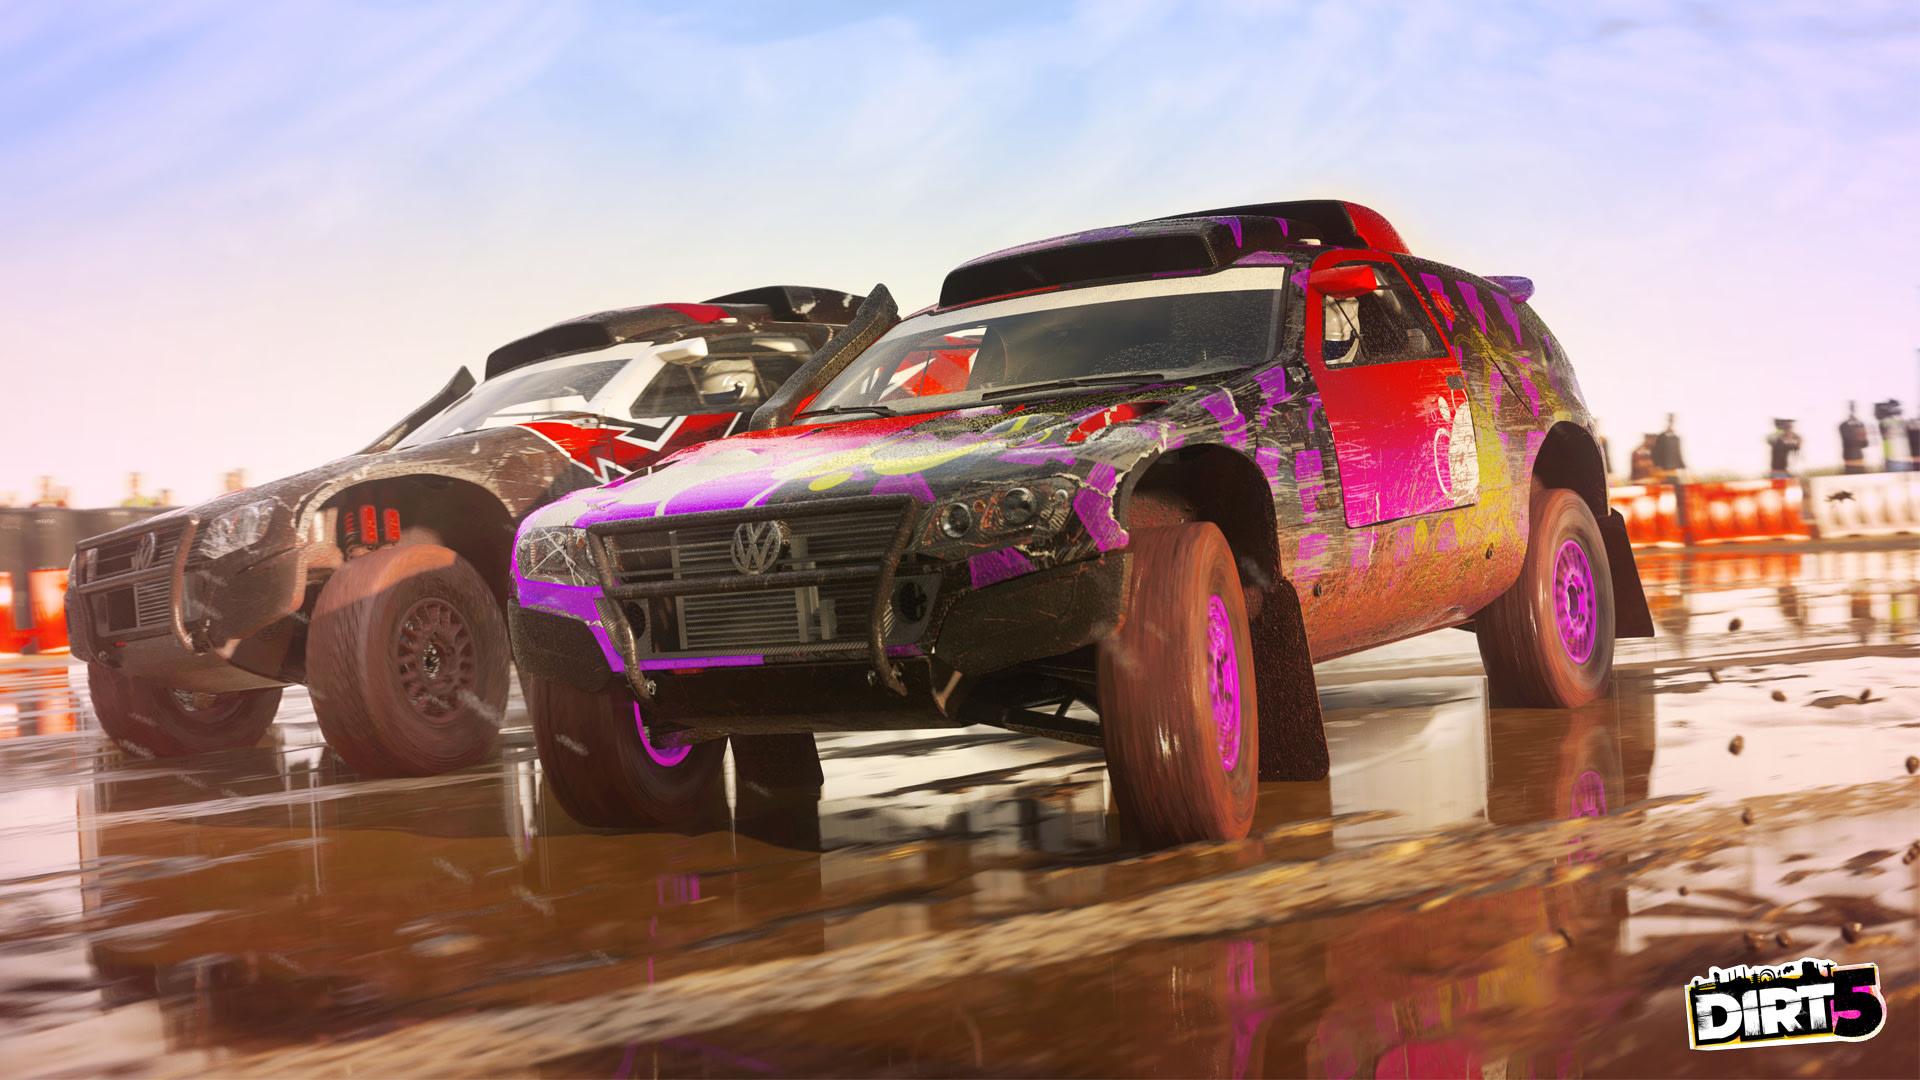 dirt 5 desktop wallpaper 72476